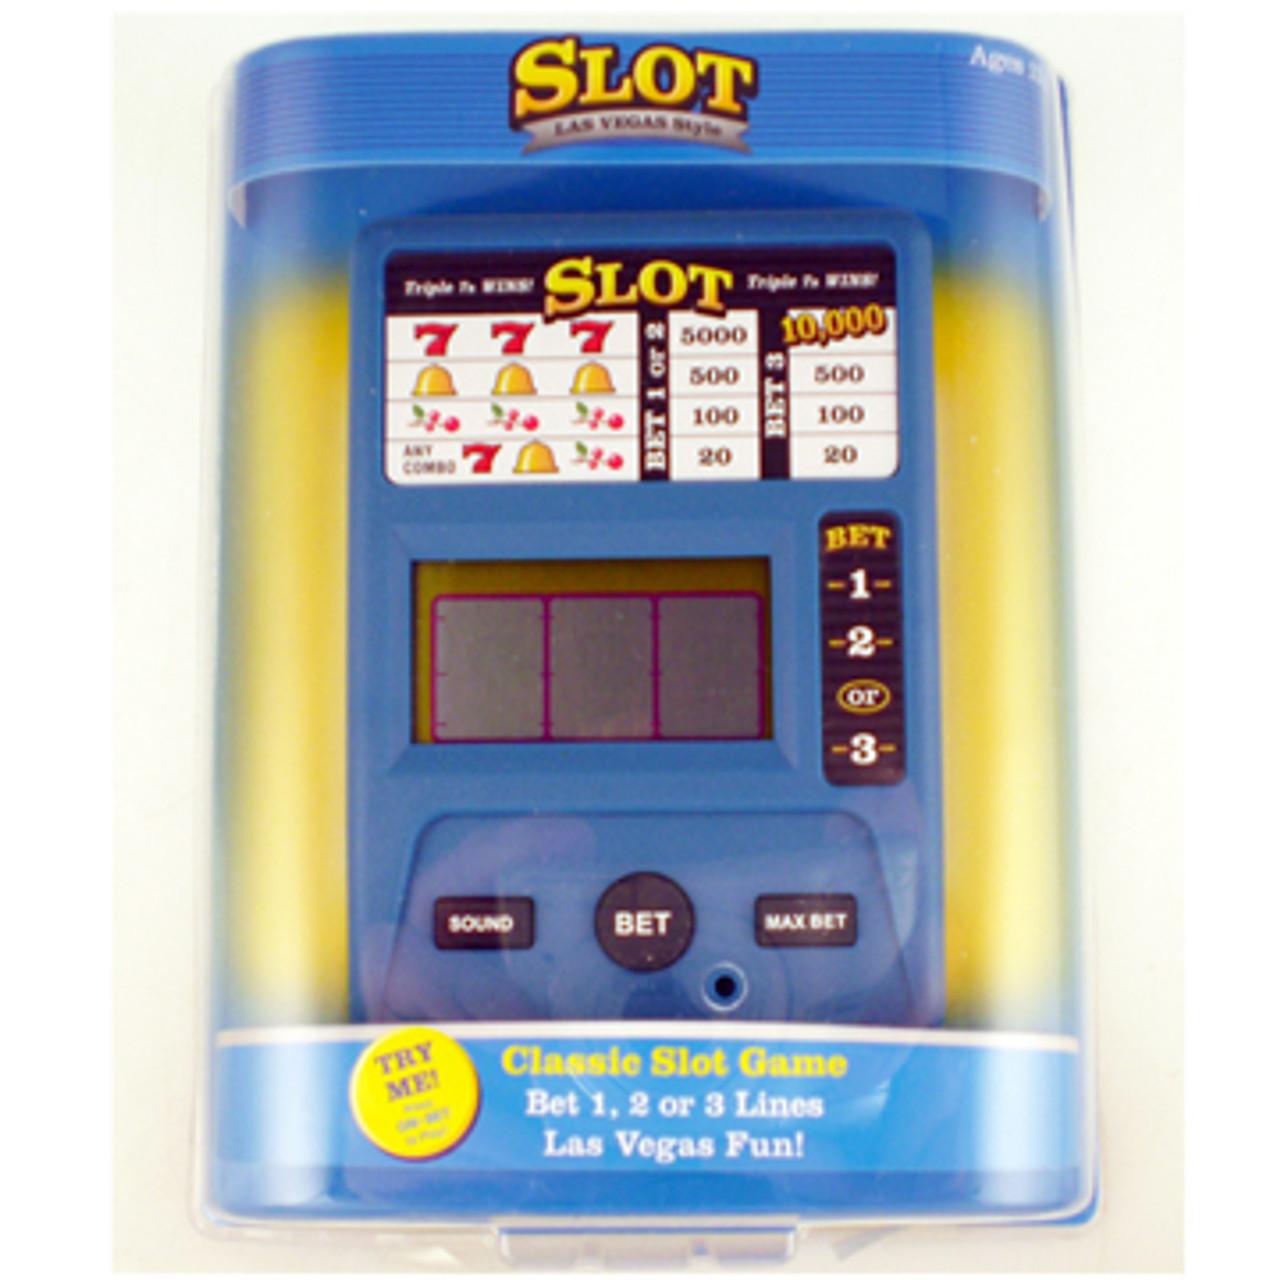 Slots Handheld Game